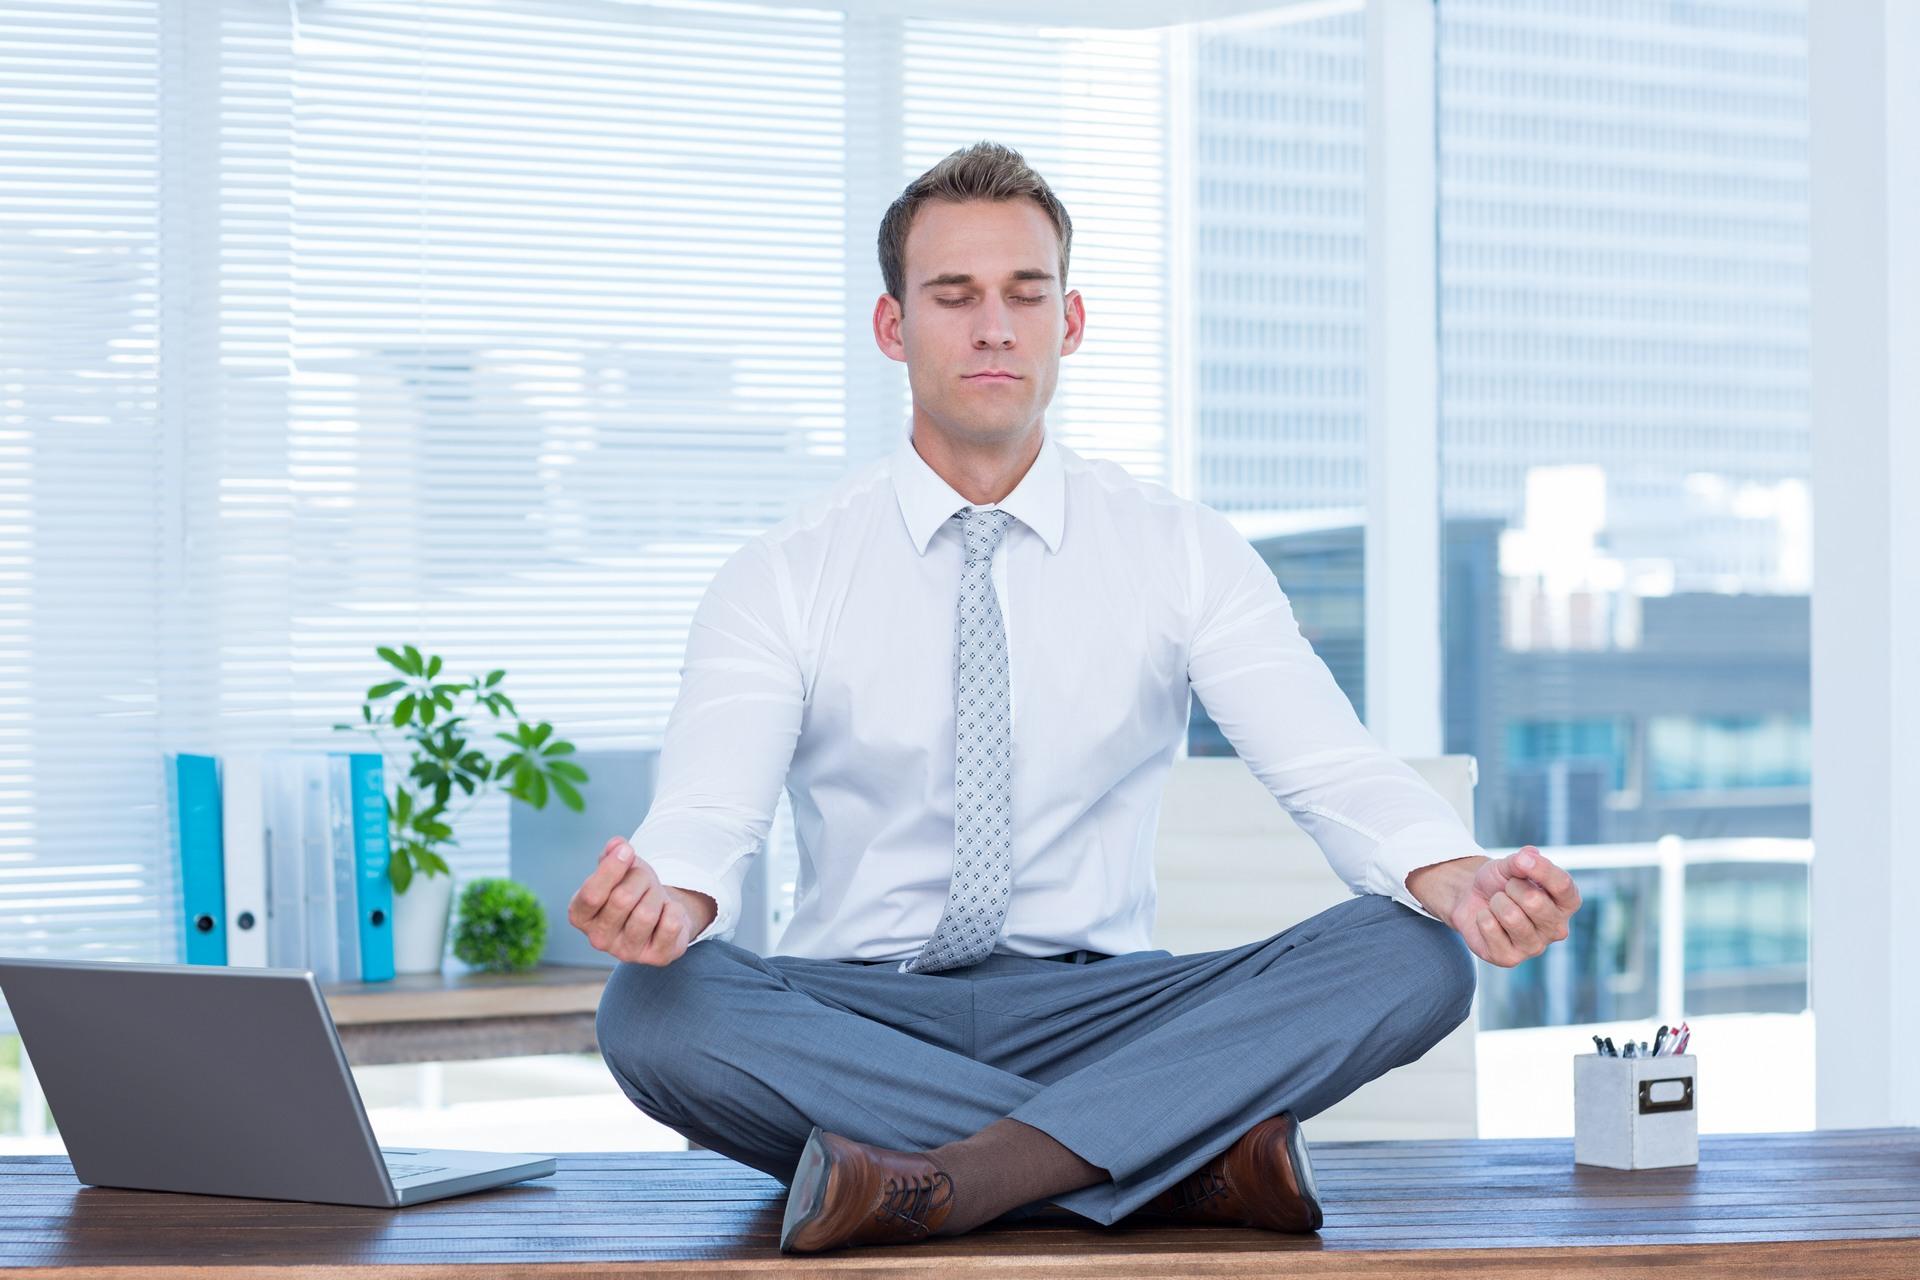 כיועץ ארגוני ועסקי אני אומר: מדיטציה לא תמיד עוזרת. צריך לרכוש מיומנויות ניהול ומכירות